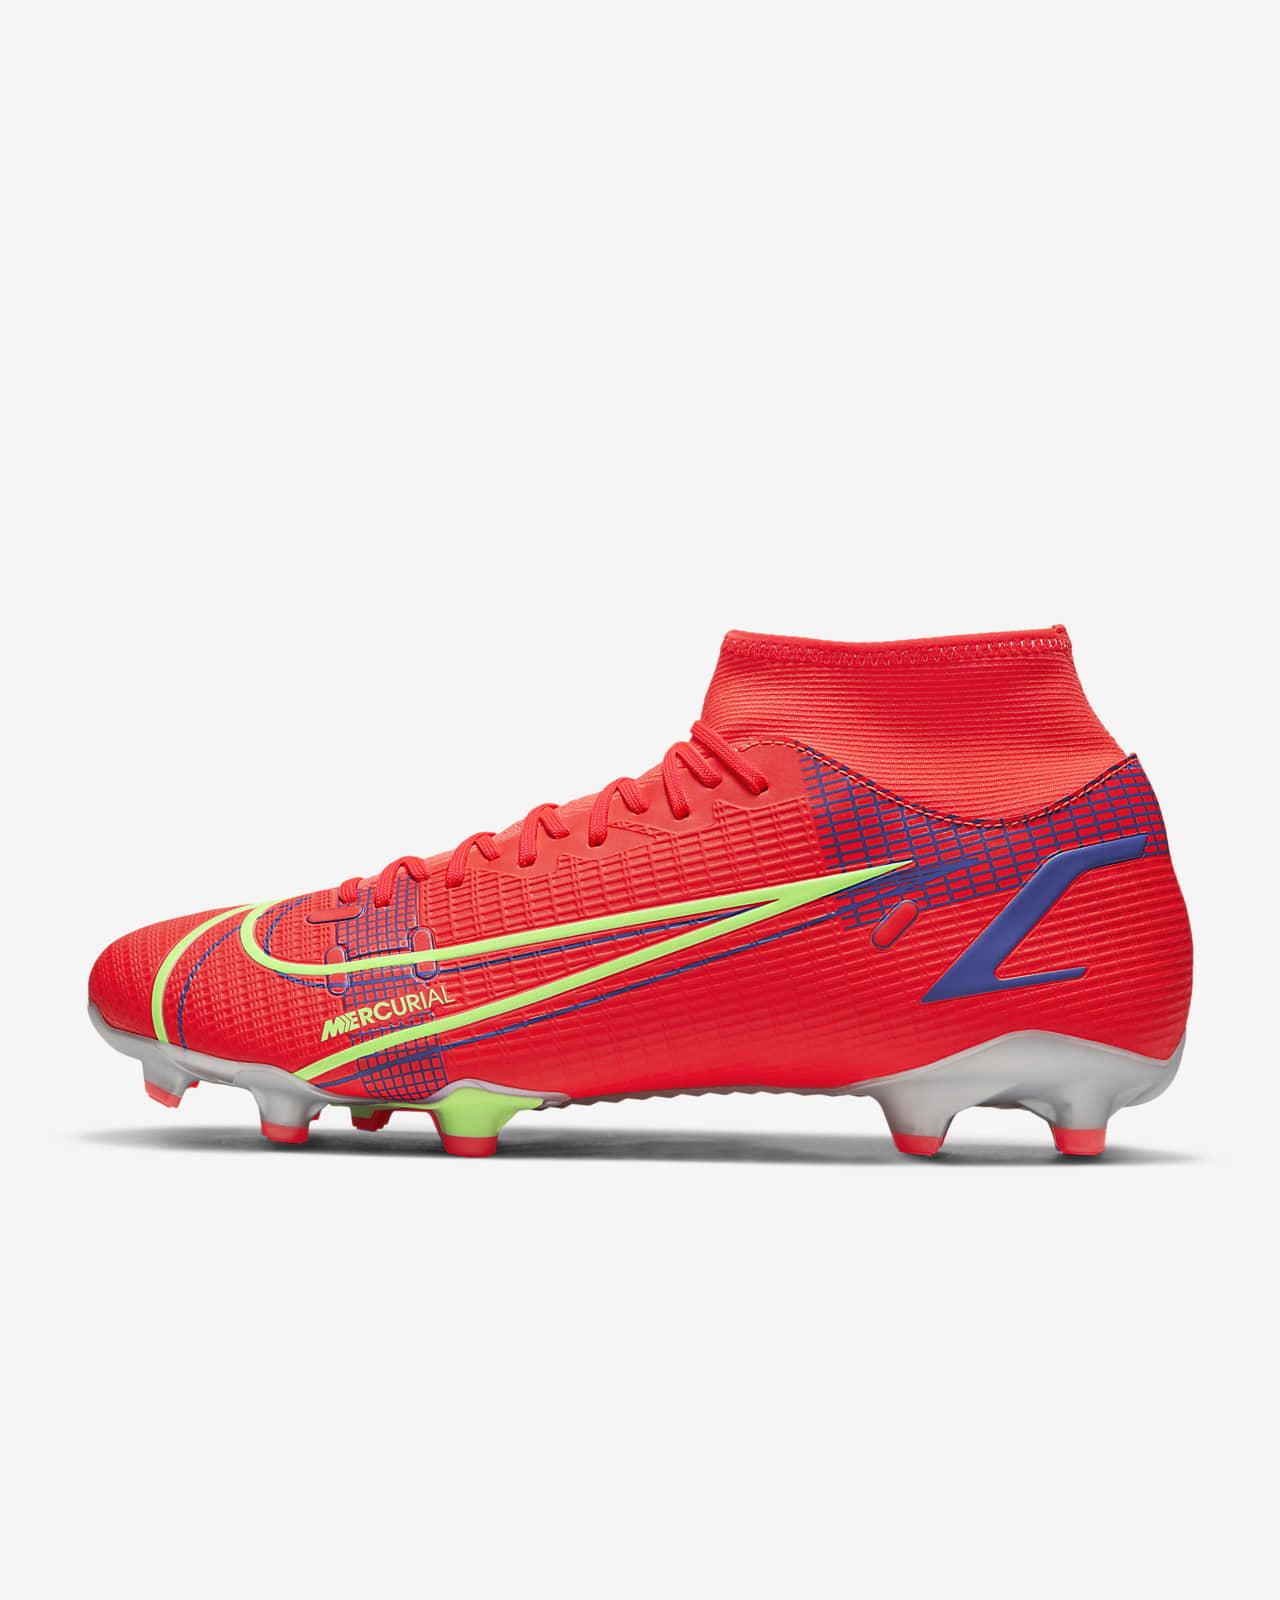 Nike Mercurial Superfly 8 Academy MG Fußballschuh für verschiedene Böden